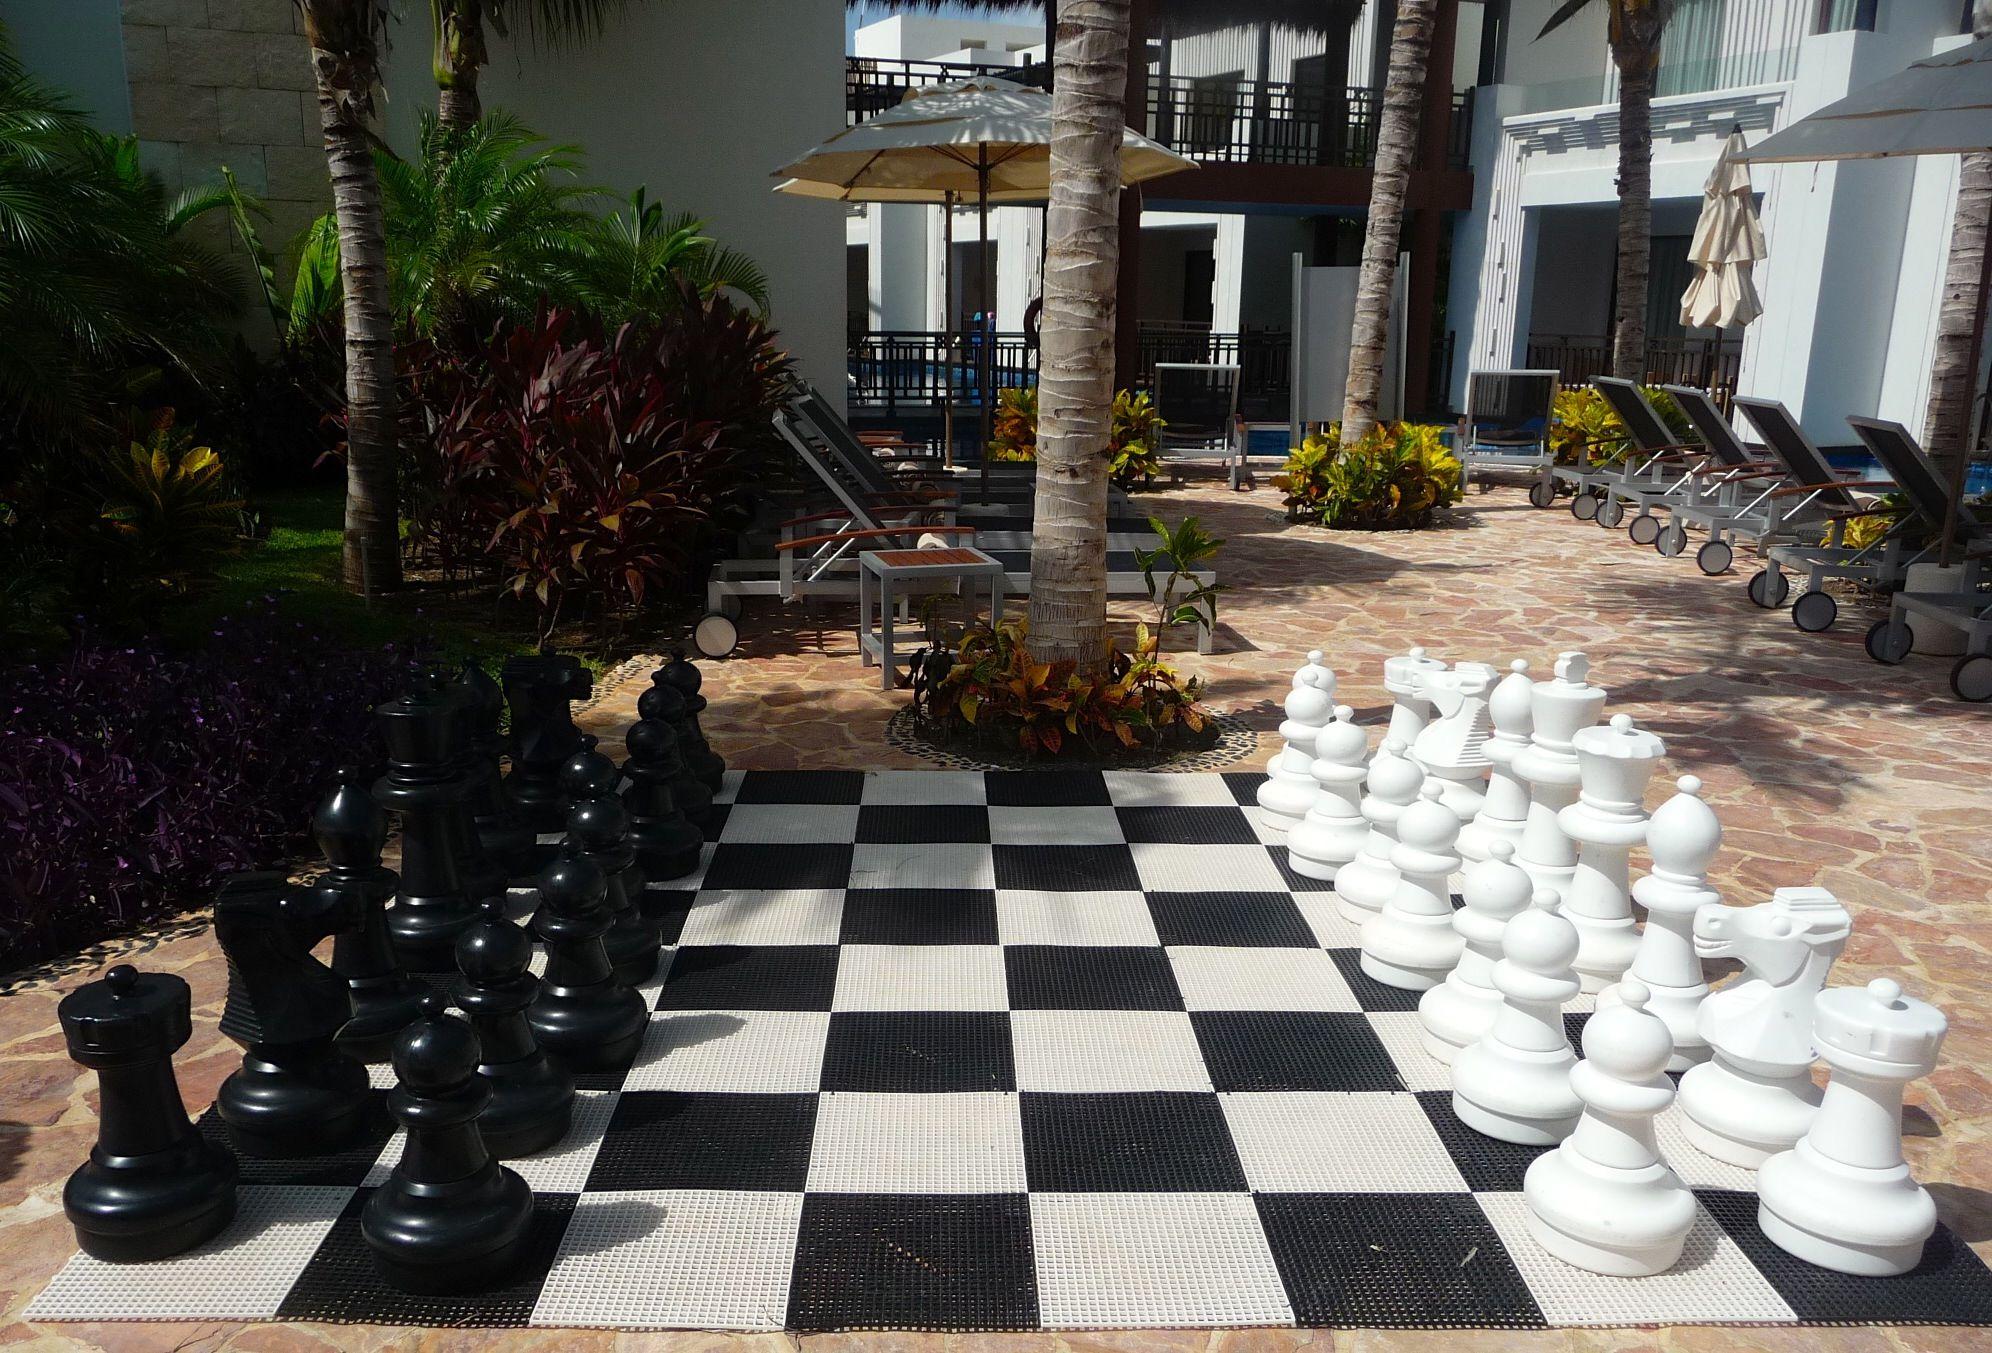 life size chess pieces azul beach cancun pinterest